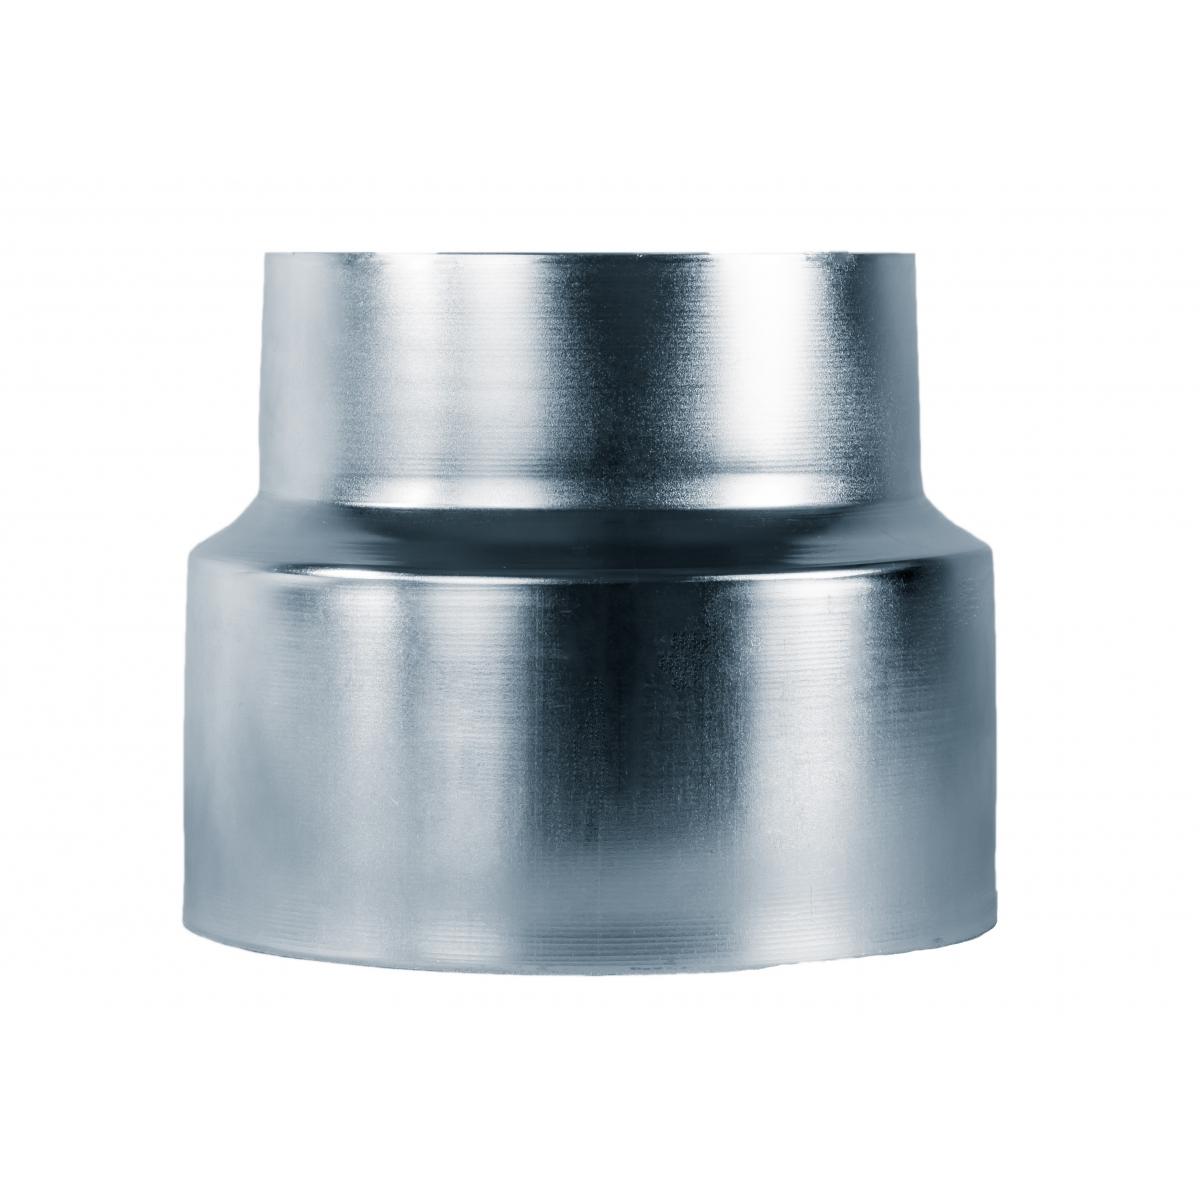 Reducción galvanizada - Tubos galvanizados - Marca Exojo